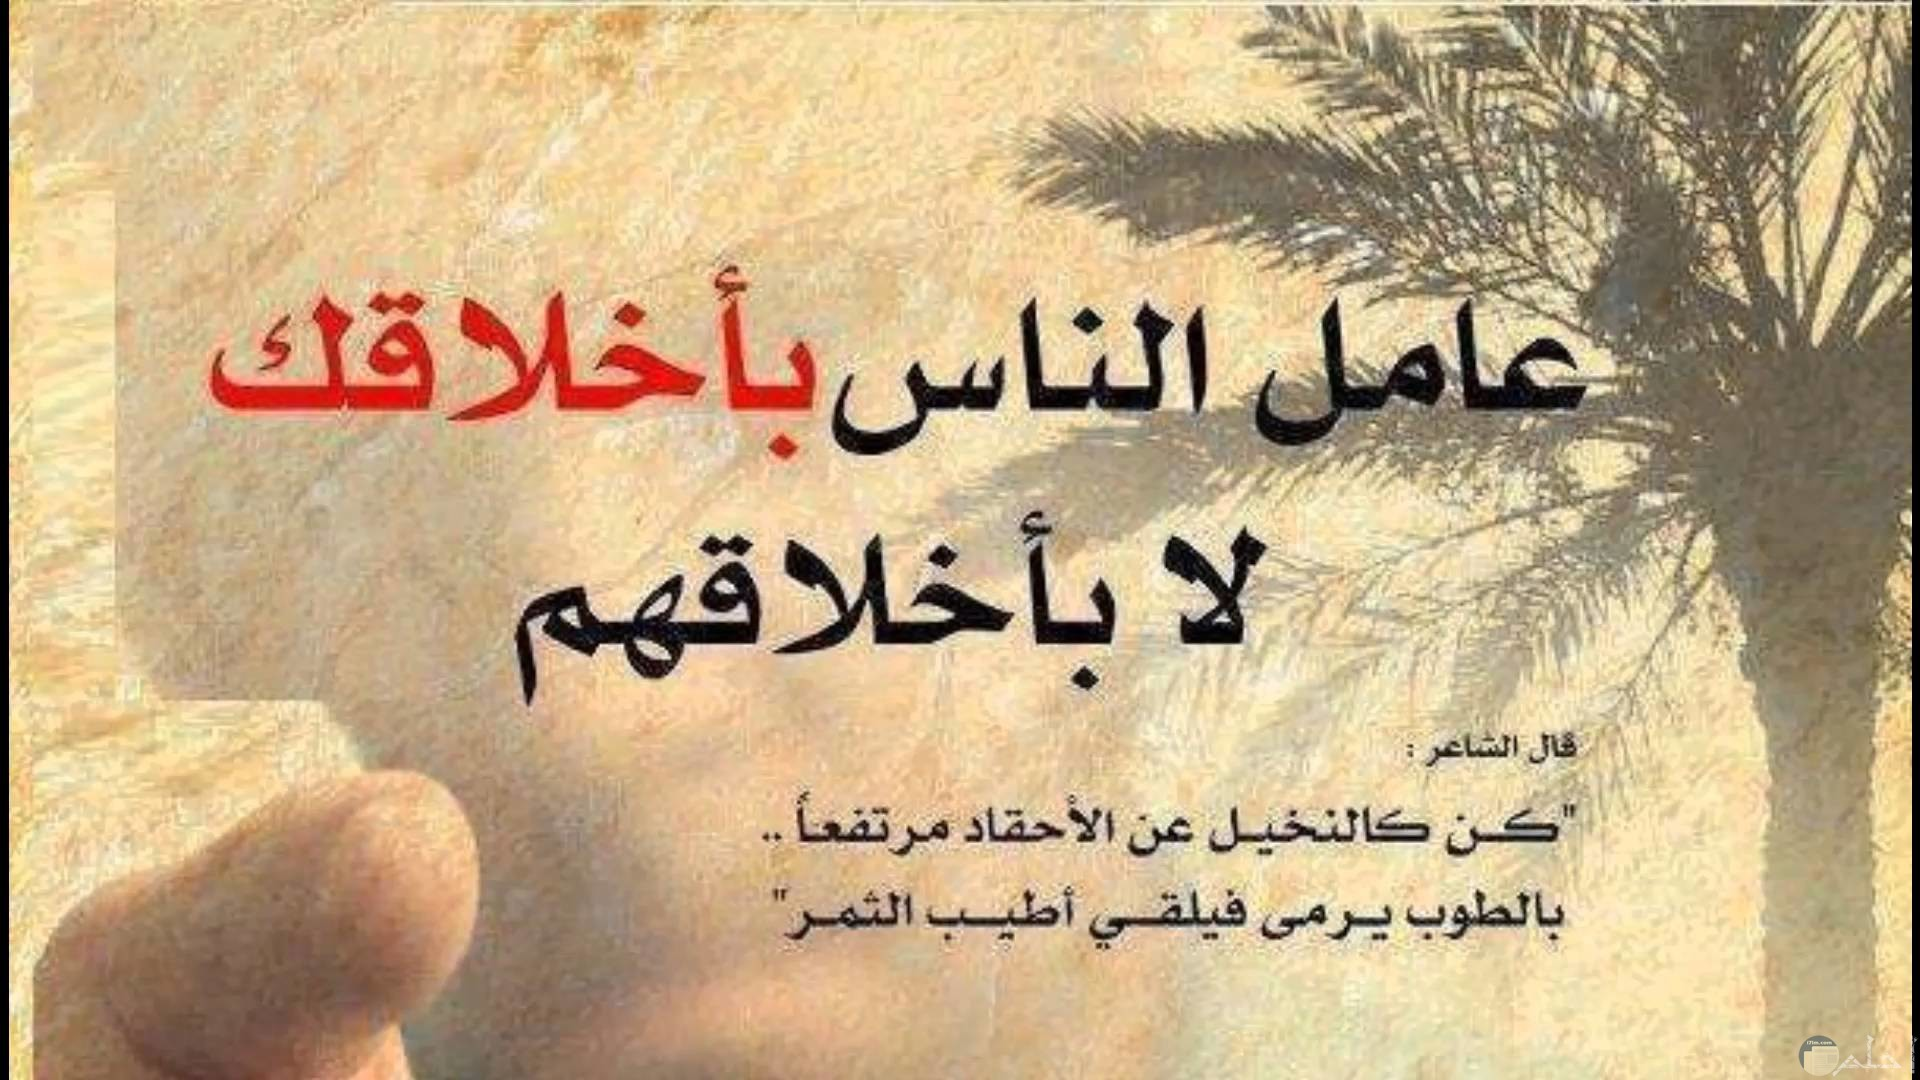 صورة عن الاخلاق الحميدة كخلفية لسناب شات